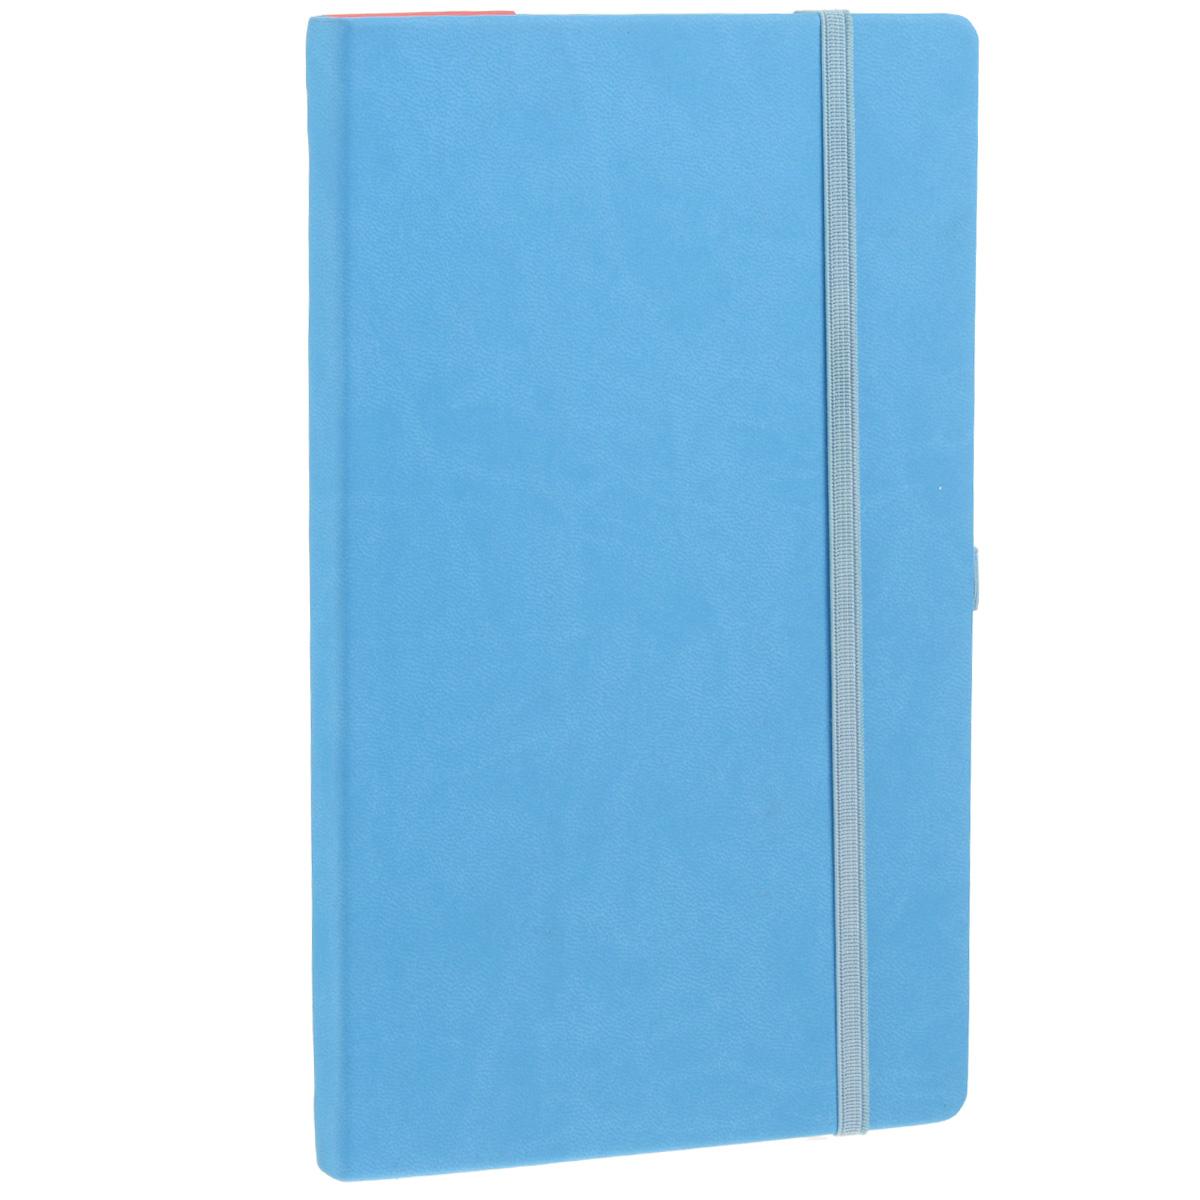 Записная книжка Erich Krause Festival, цвет: голубой, 96 листов72523WDЗаписная книжка Erich Krause Festival - это дополнительный штрих к вашему имиджу. Демократичная в своем содержании, книжка может быть использована не только для личных пометок и записей, но и как недатированный ежедневник. Надежная твердая обложка из плотного приятного на ощупь картона сохранит ее в аккуратном состоянии на протяжении всего времени использования. Плотная в линейку бумага белого цвета, закладка-ляссе, практичные скругленные углы, эластичная петелька для ручки и внутренний бумажный карман на задней обложке - все это обеспечит вам истинное удовольствие от письма. В начале книжки имеется страничка для заполнения личных данных владельца, четыре страницы для заполнения адресов, телефонов и интернет-почты и четыре страницы для заполнения сайтов и ссылок. Благодаря небольшому формату книжку легко взять с собой. Записная книжка плотно закрывается при помощи фиксирующей резинки.